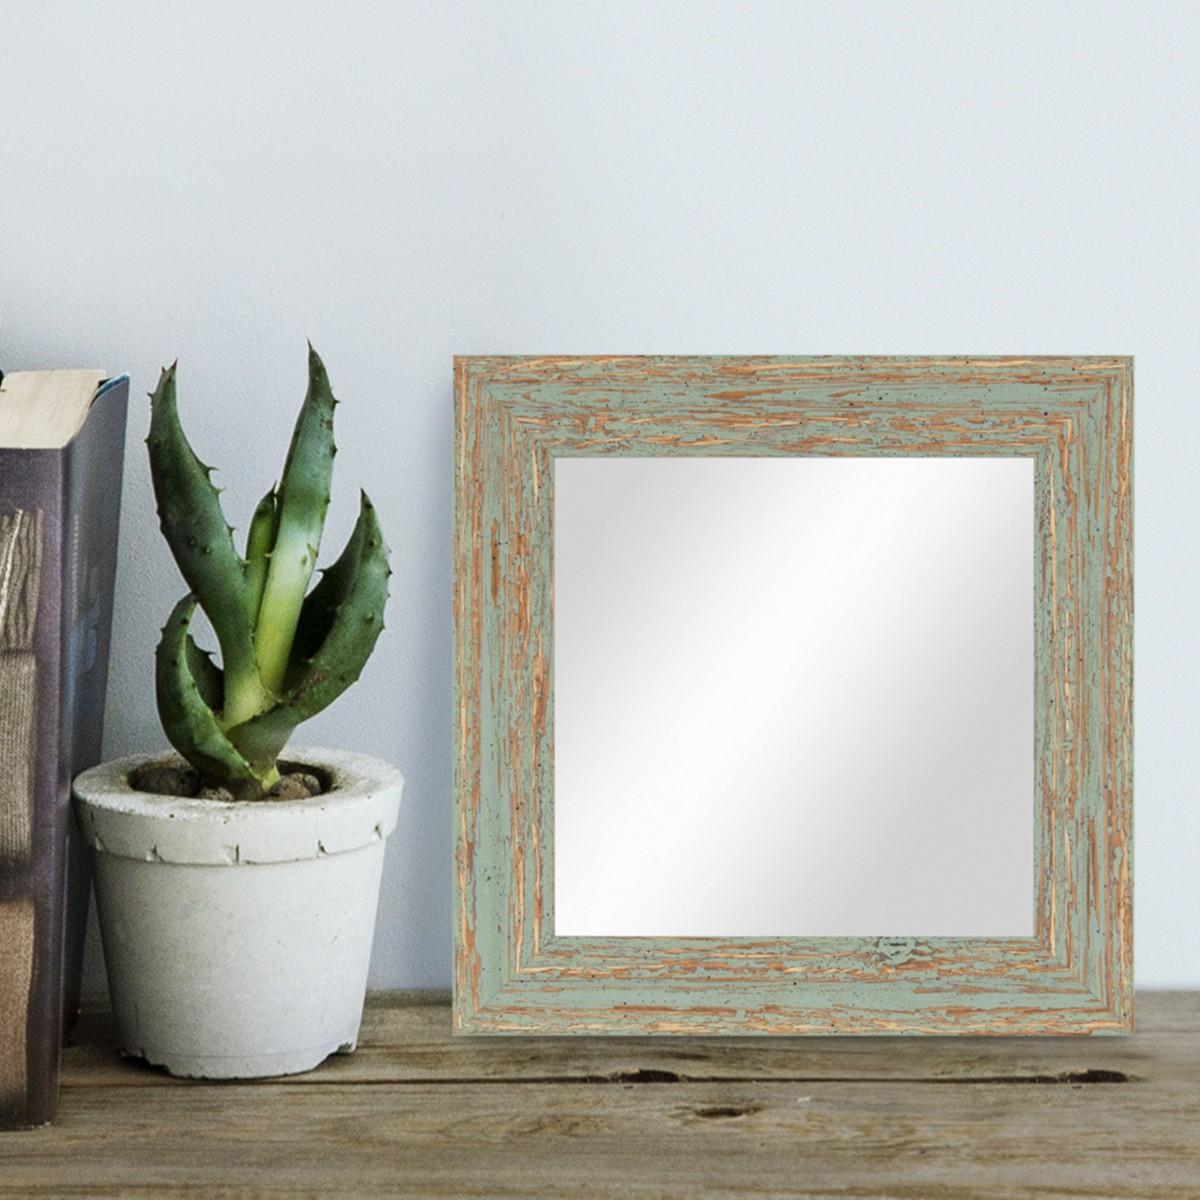 Wand-Spiegel 26x26 Cm Im Holzrahmen Grau-Grün Shabby-Chic